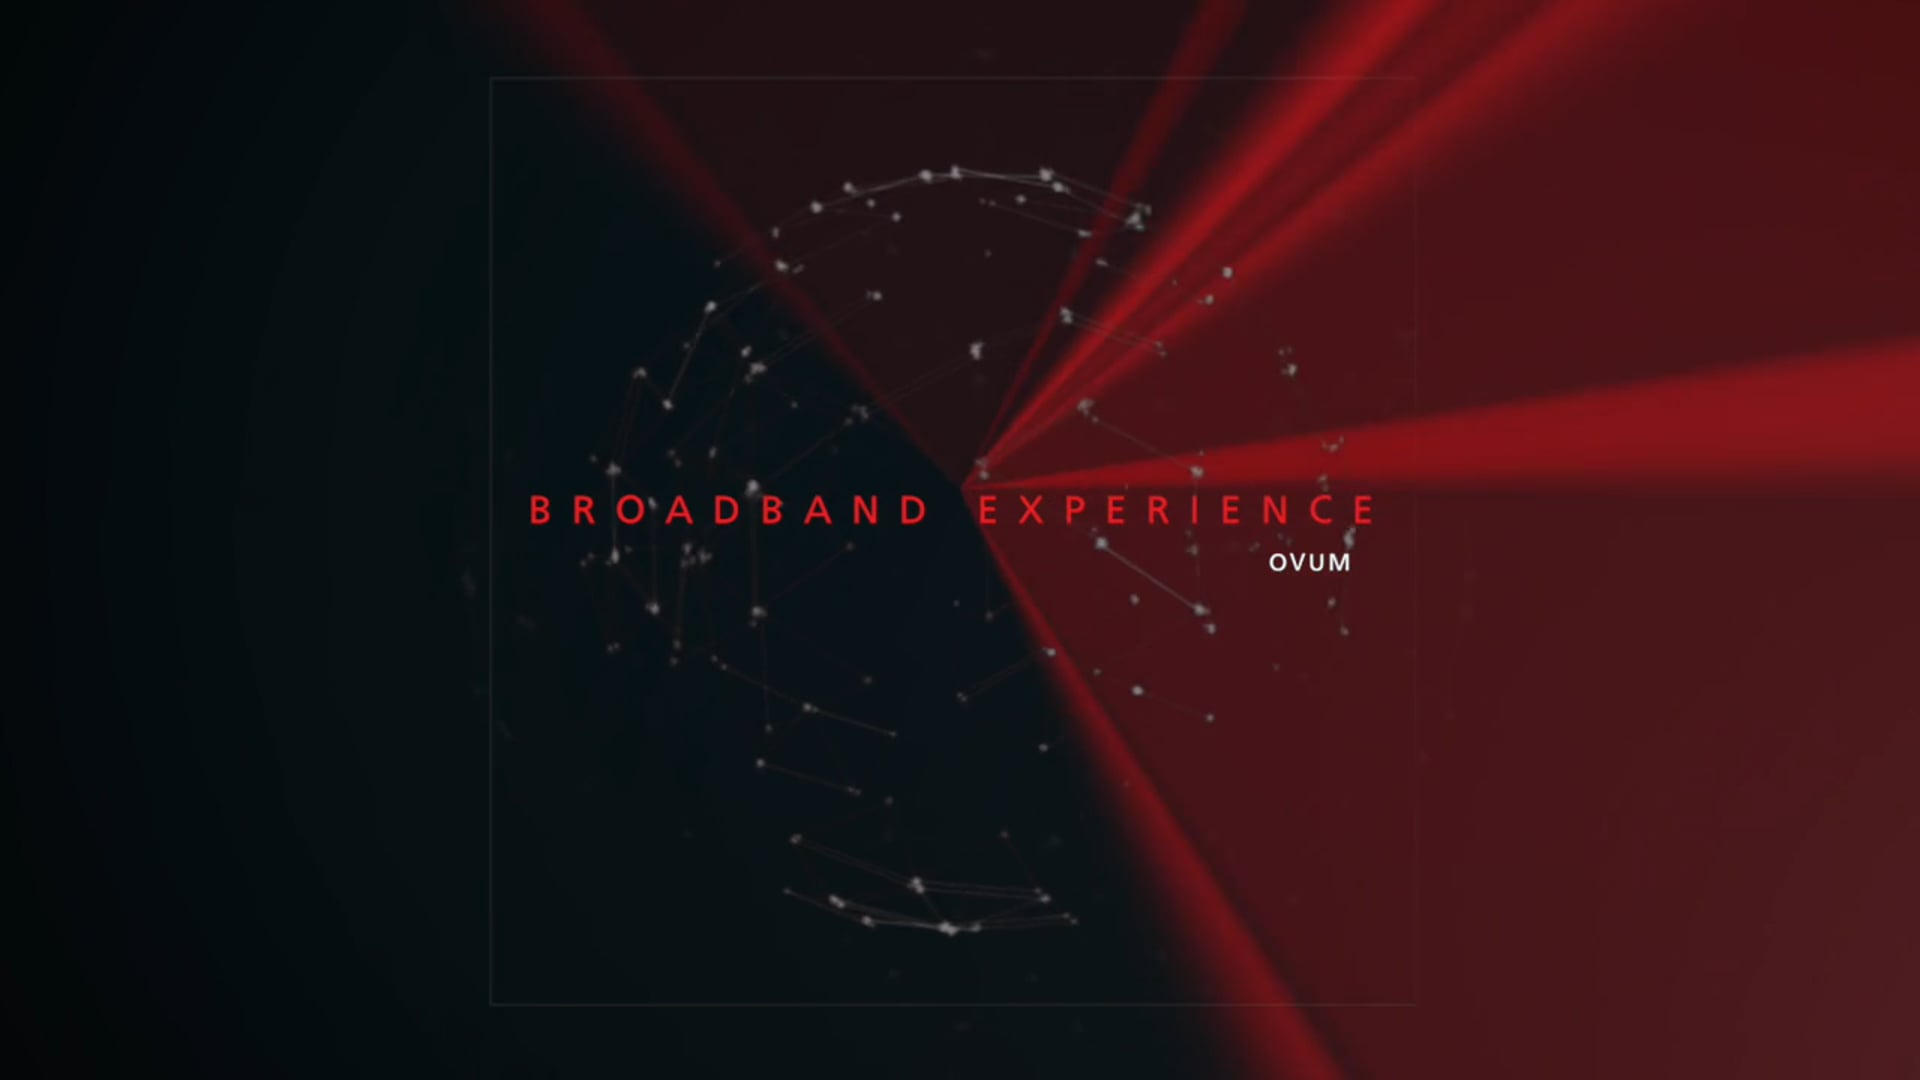 Ovum - Broadband Experience